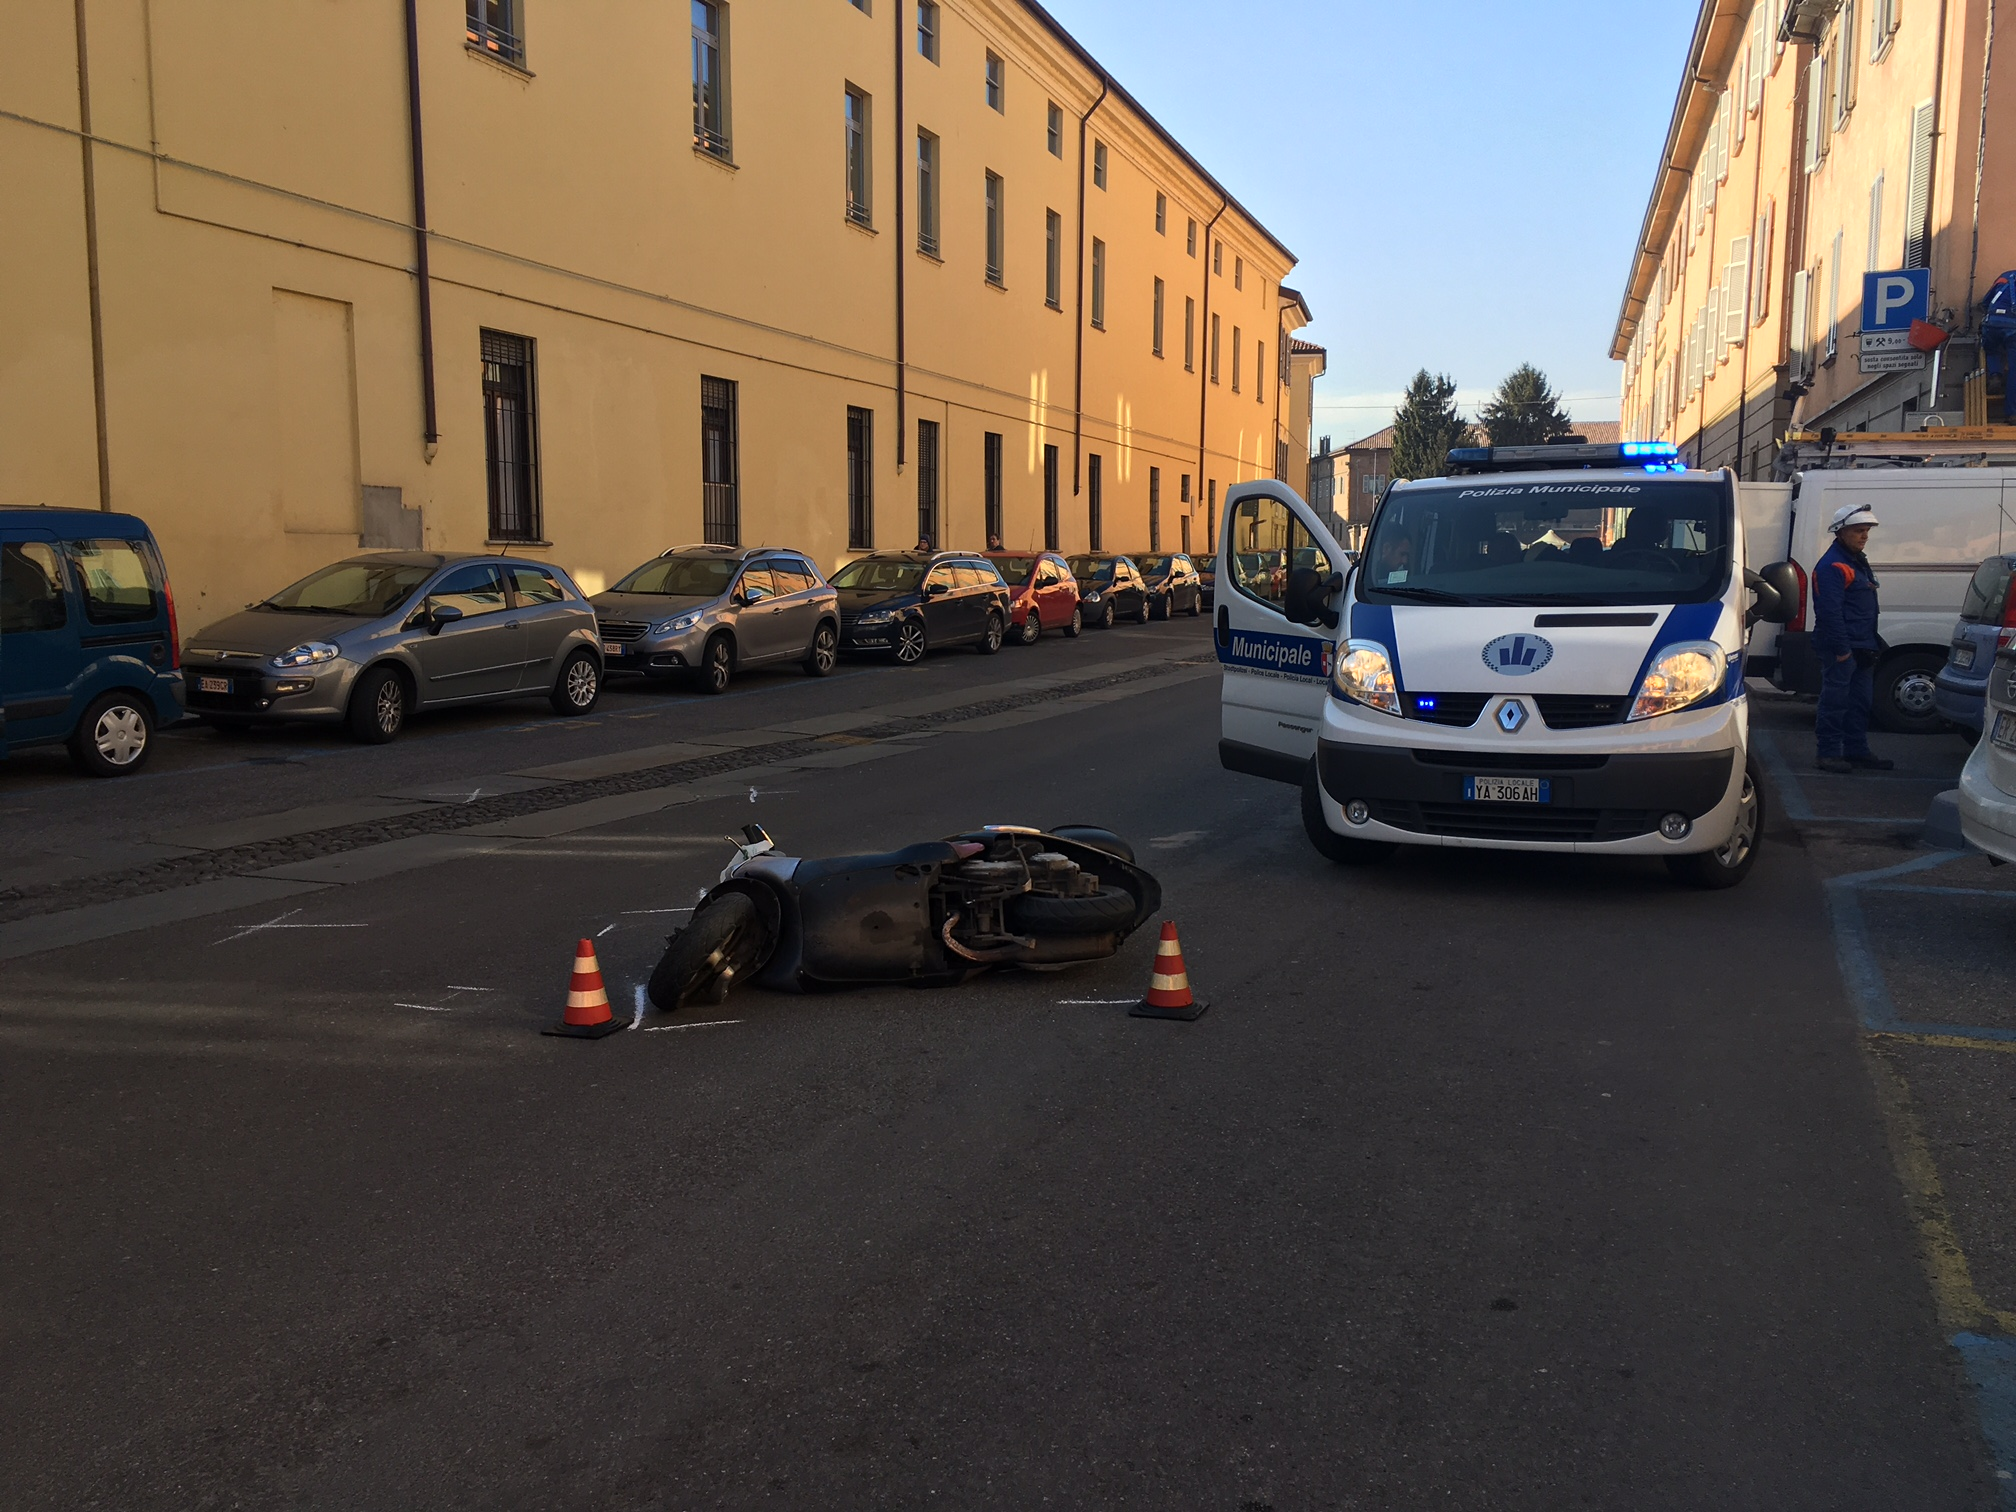 Via Campagna, scooter sbanda e finisce a terra. Conducente ferito